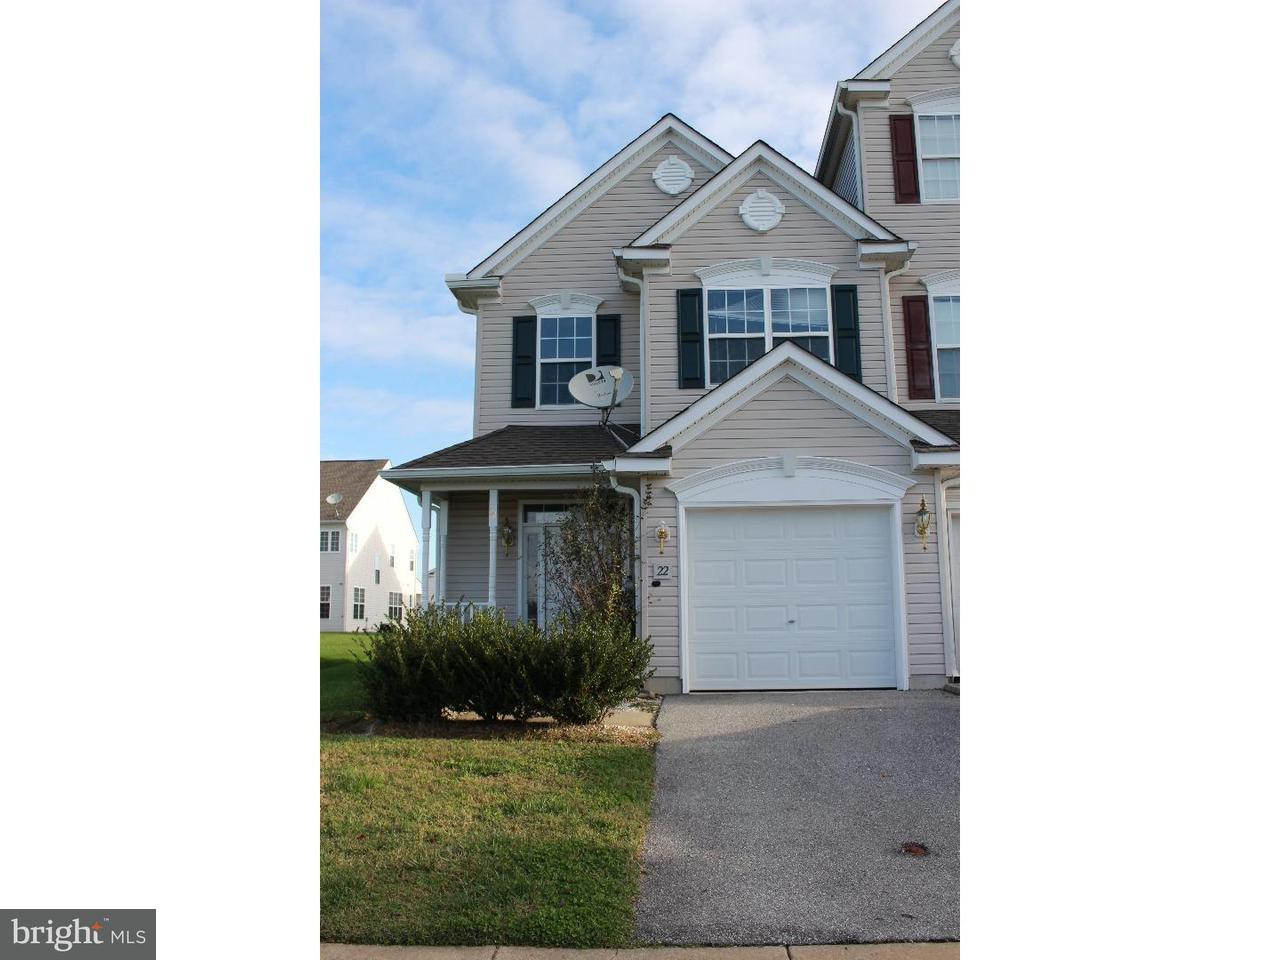 联栋屋 为 销售 在 22 HARROWGATE Drive Smyrna, 特拉华州 19977 美国